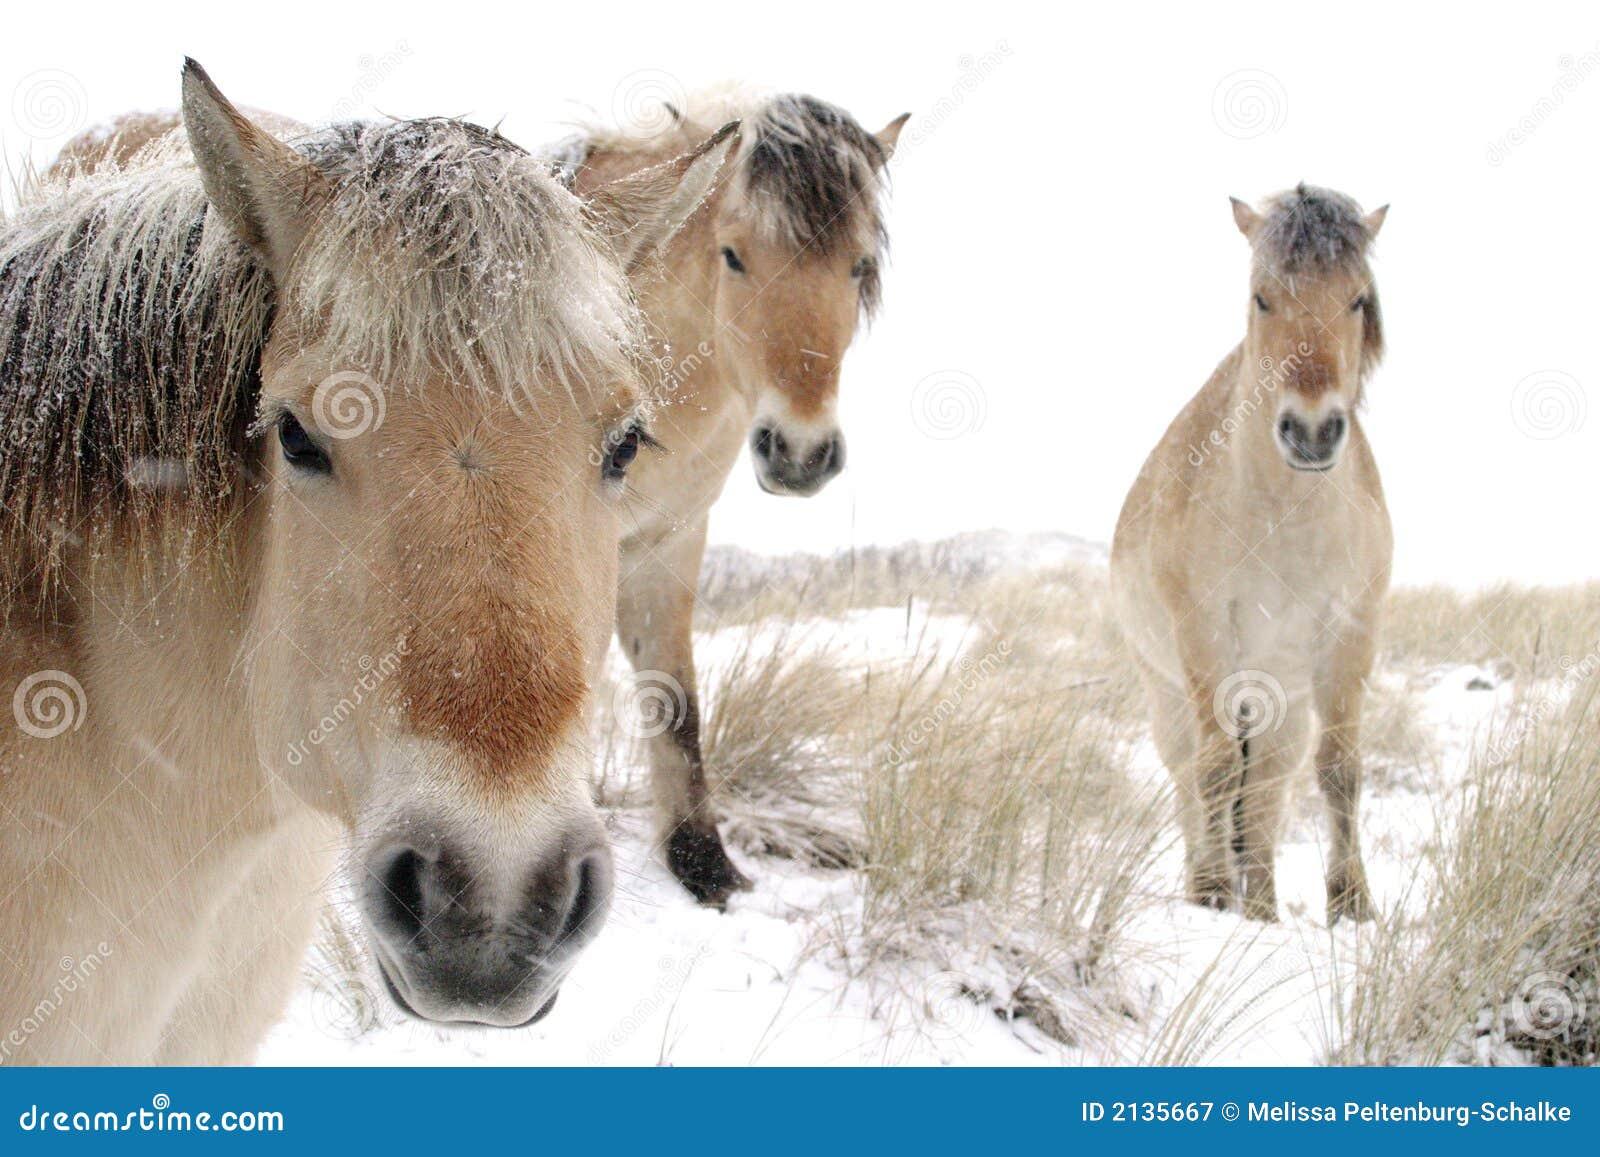 pferde im schnee lizenzfreie stockfotografie bild 2135667. Black Bedroom Furniture Sets. Home Design Ideas